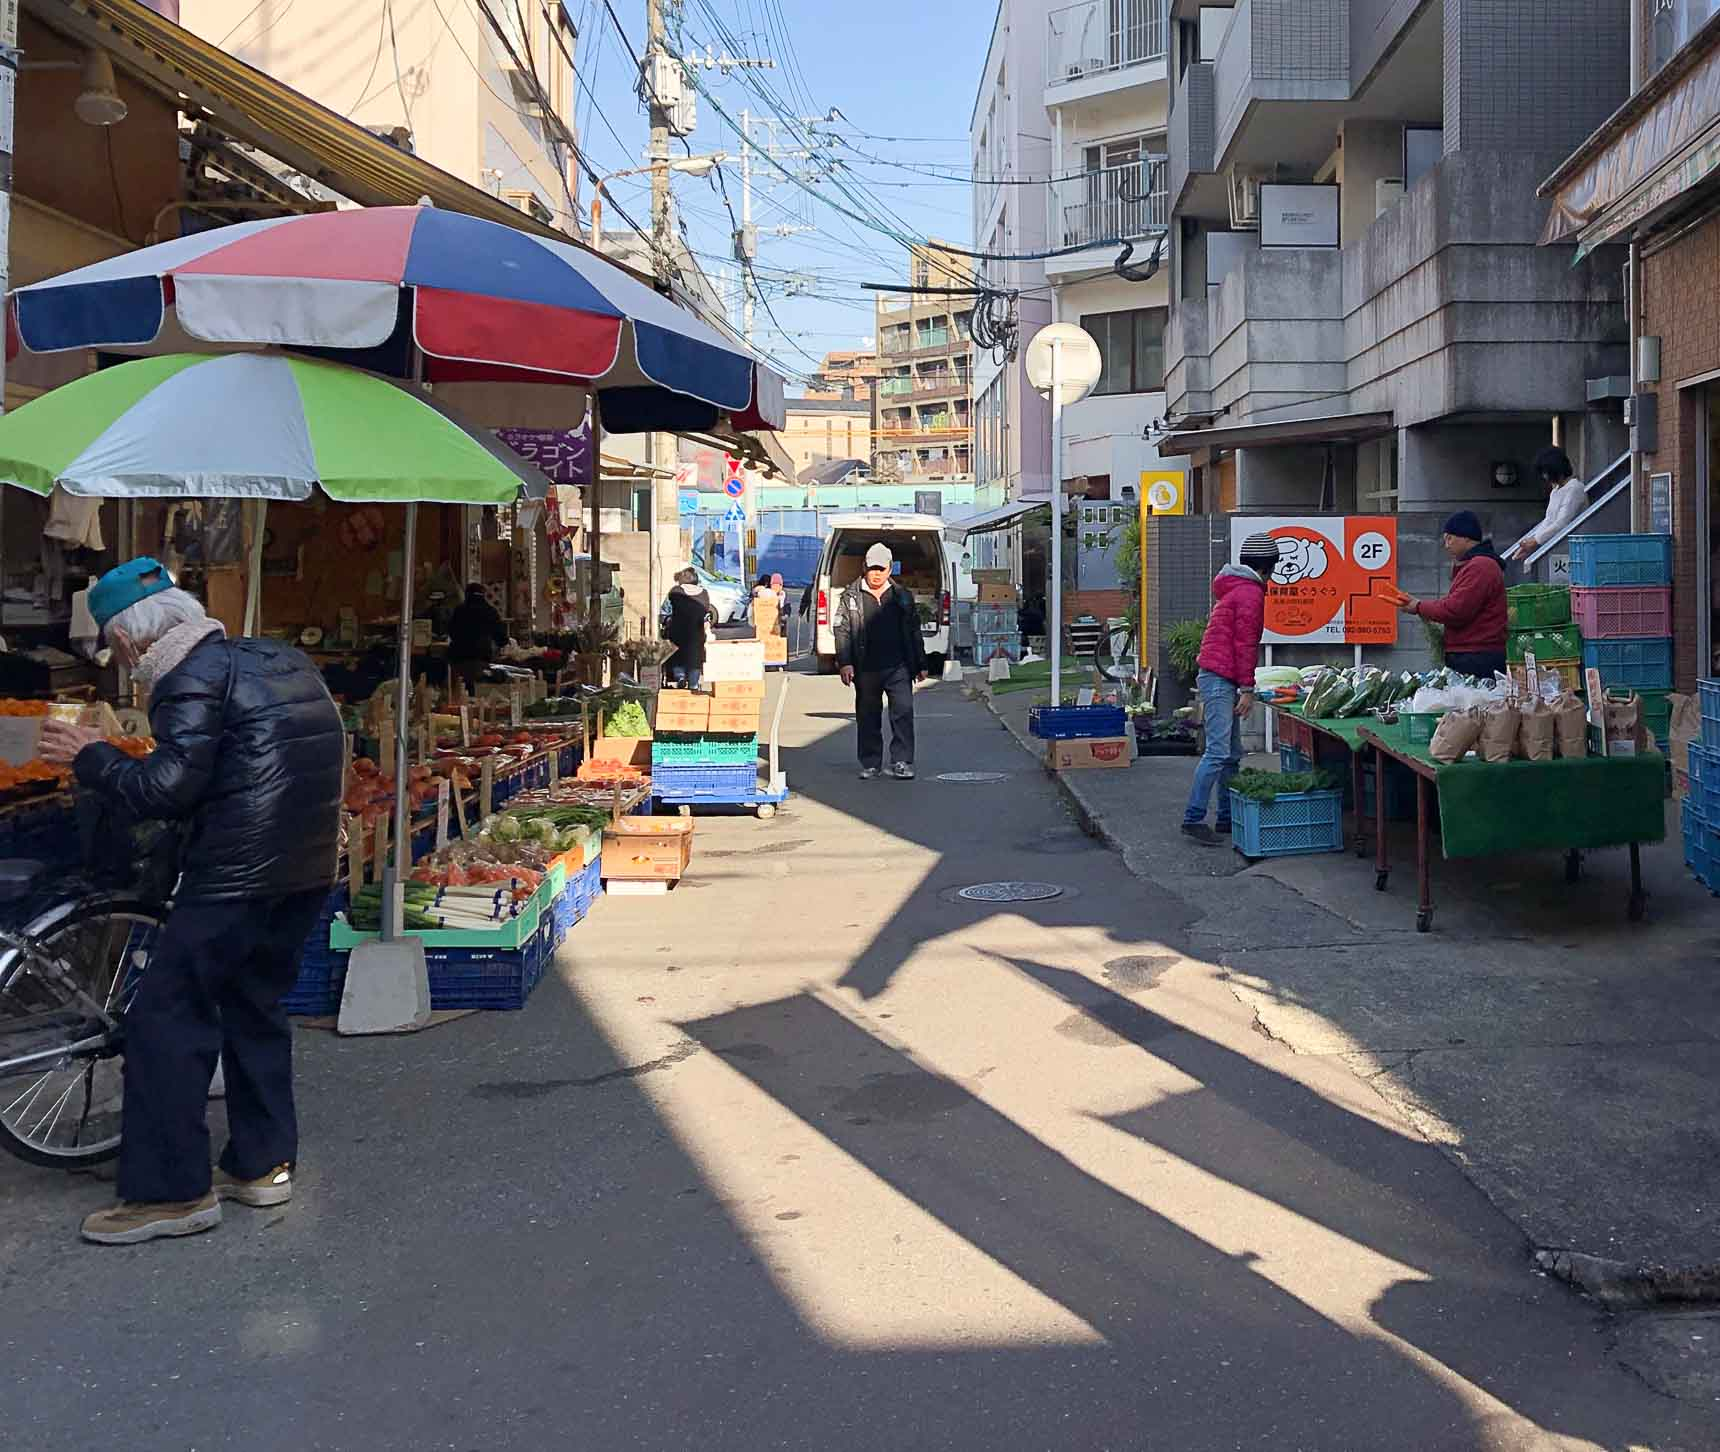 シャッターの降りたお店もありますが、八百屋さんや鮮魚店など生鮮食品のお店は現在も活気があり、安く食材が手に入るのが嬉しい。居酒屋など渋い飲食店もあります。